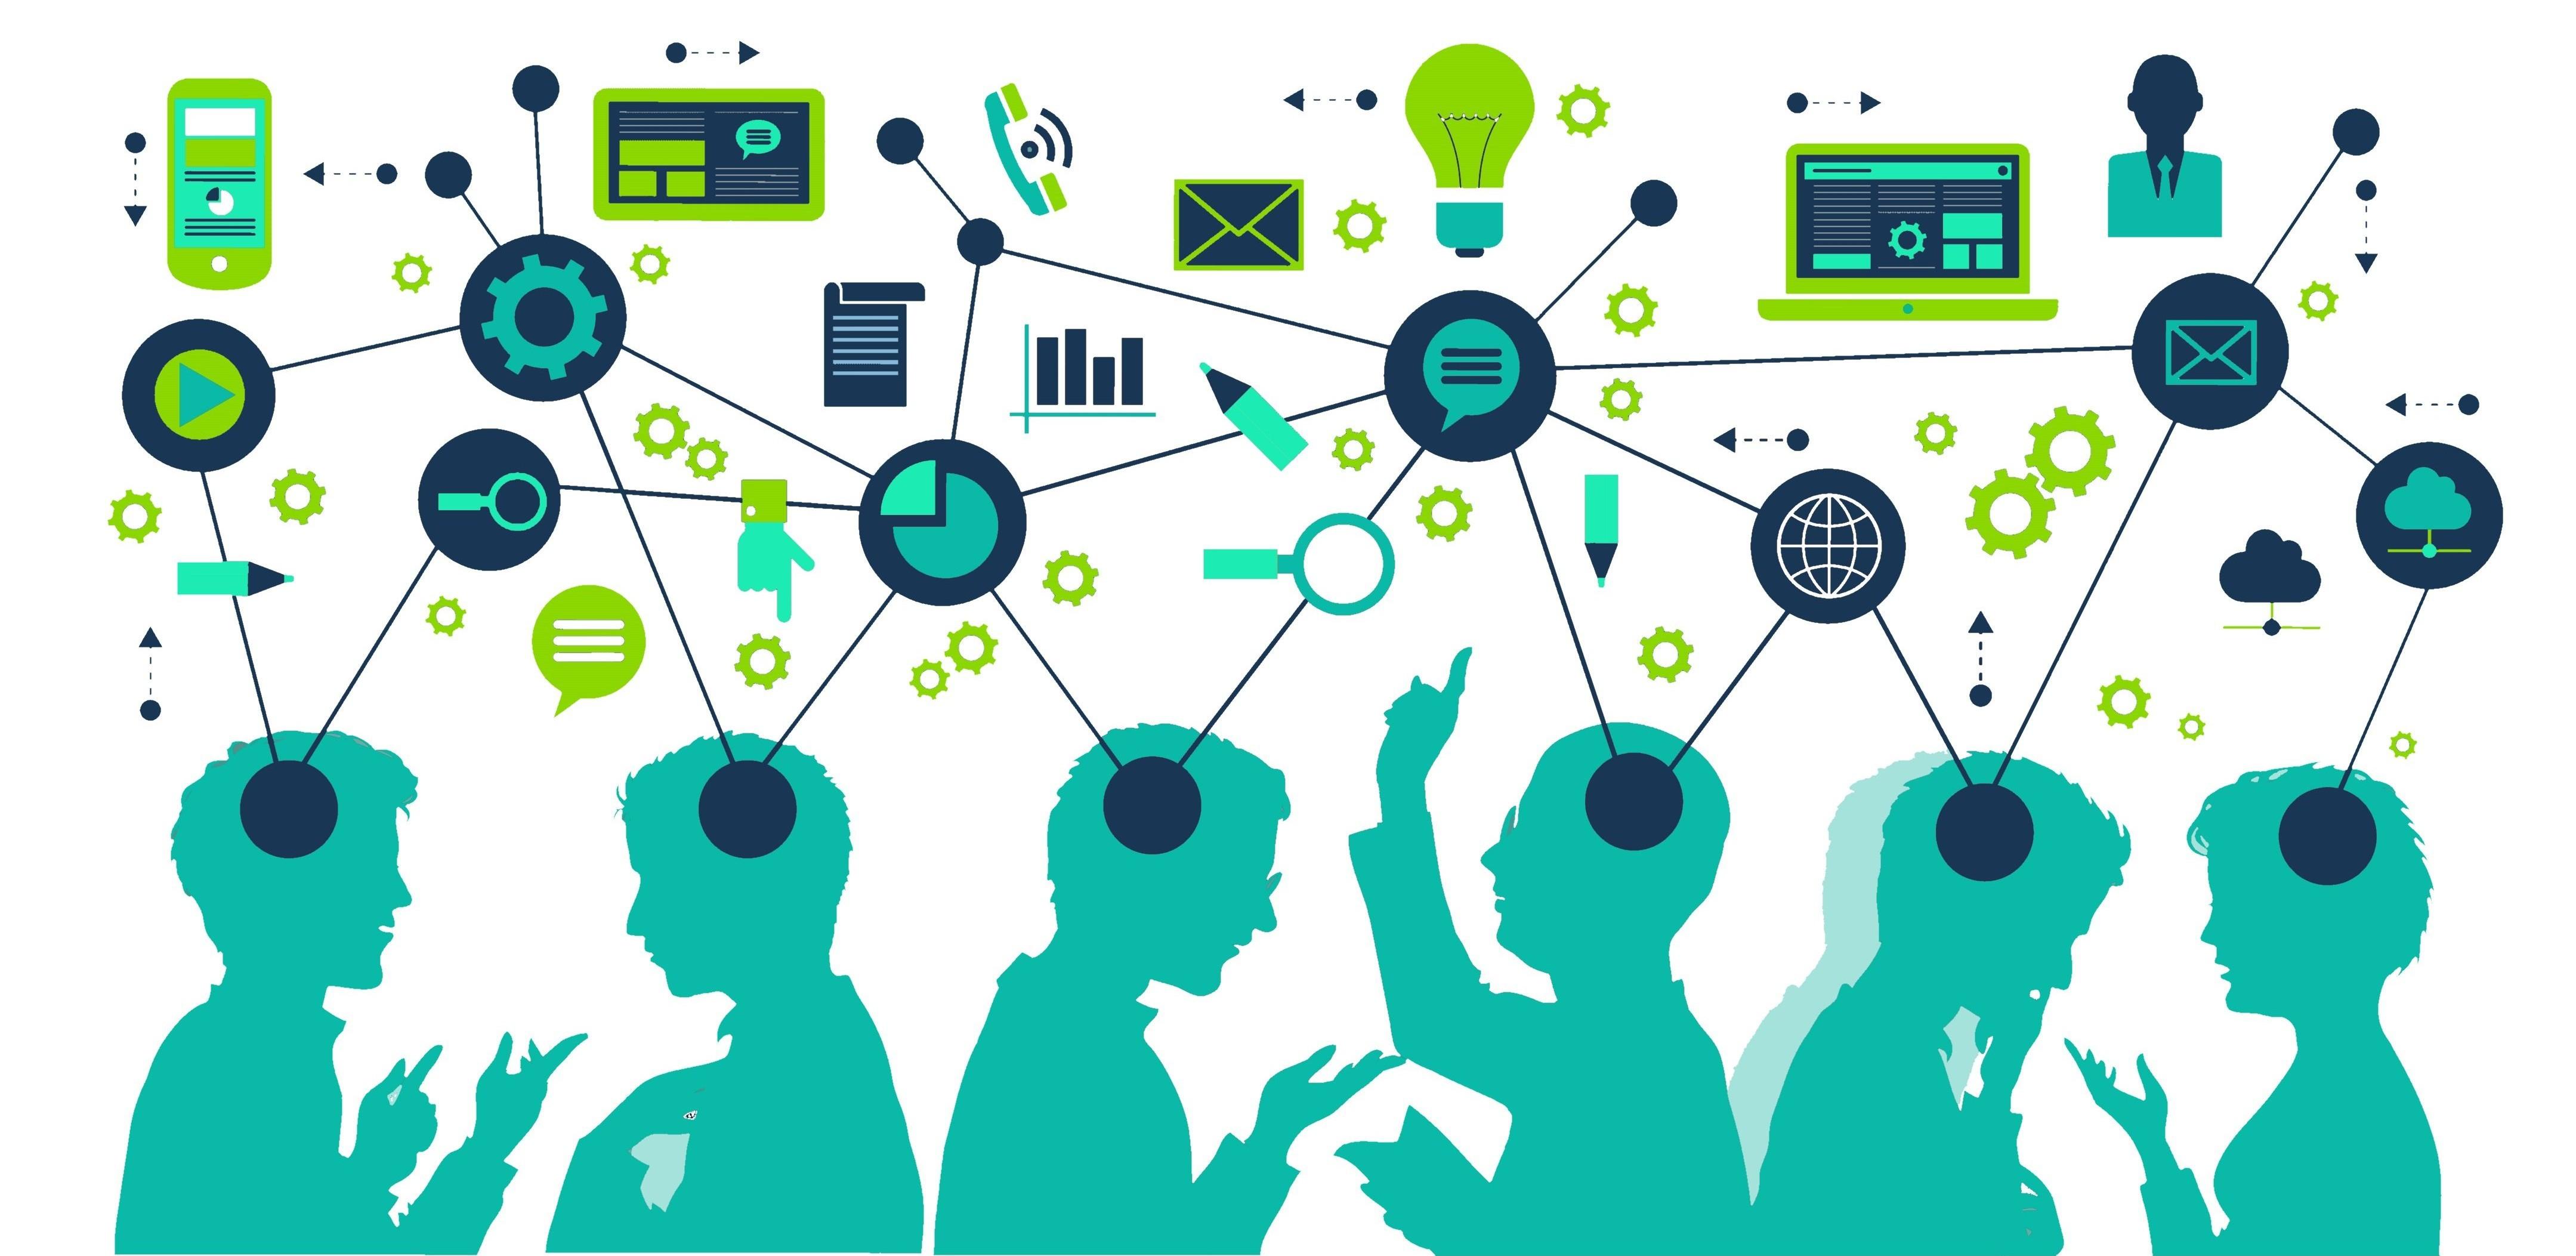 ارزیابی میزان مشتری مداری واحد های مختلف شرکت (ارتباط بازاریابی داخلی و مشتری مداری سازمان)